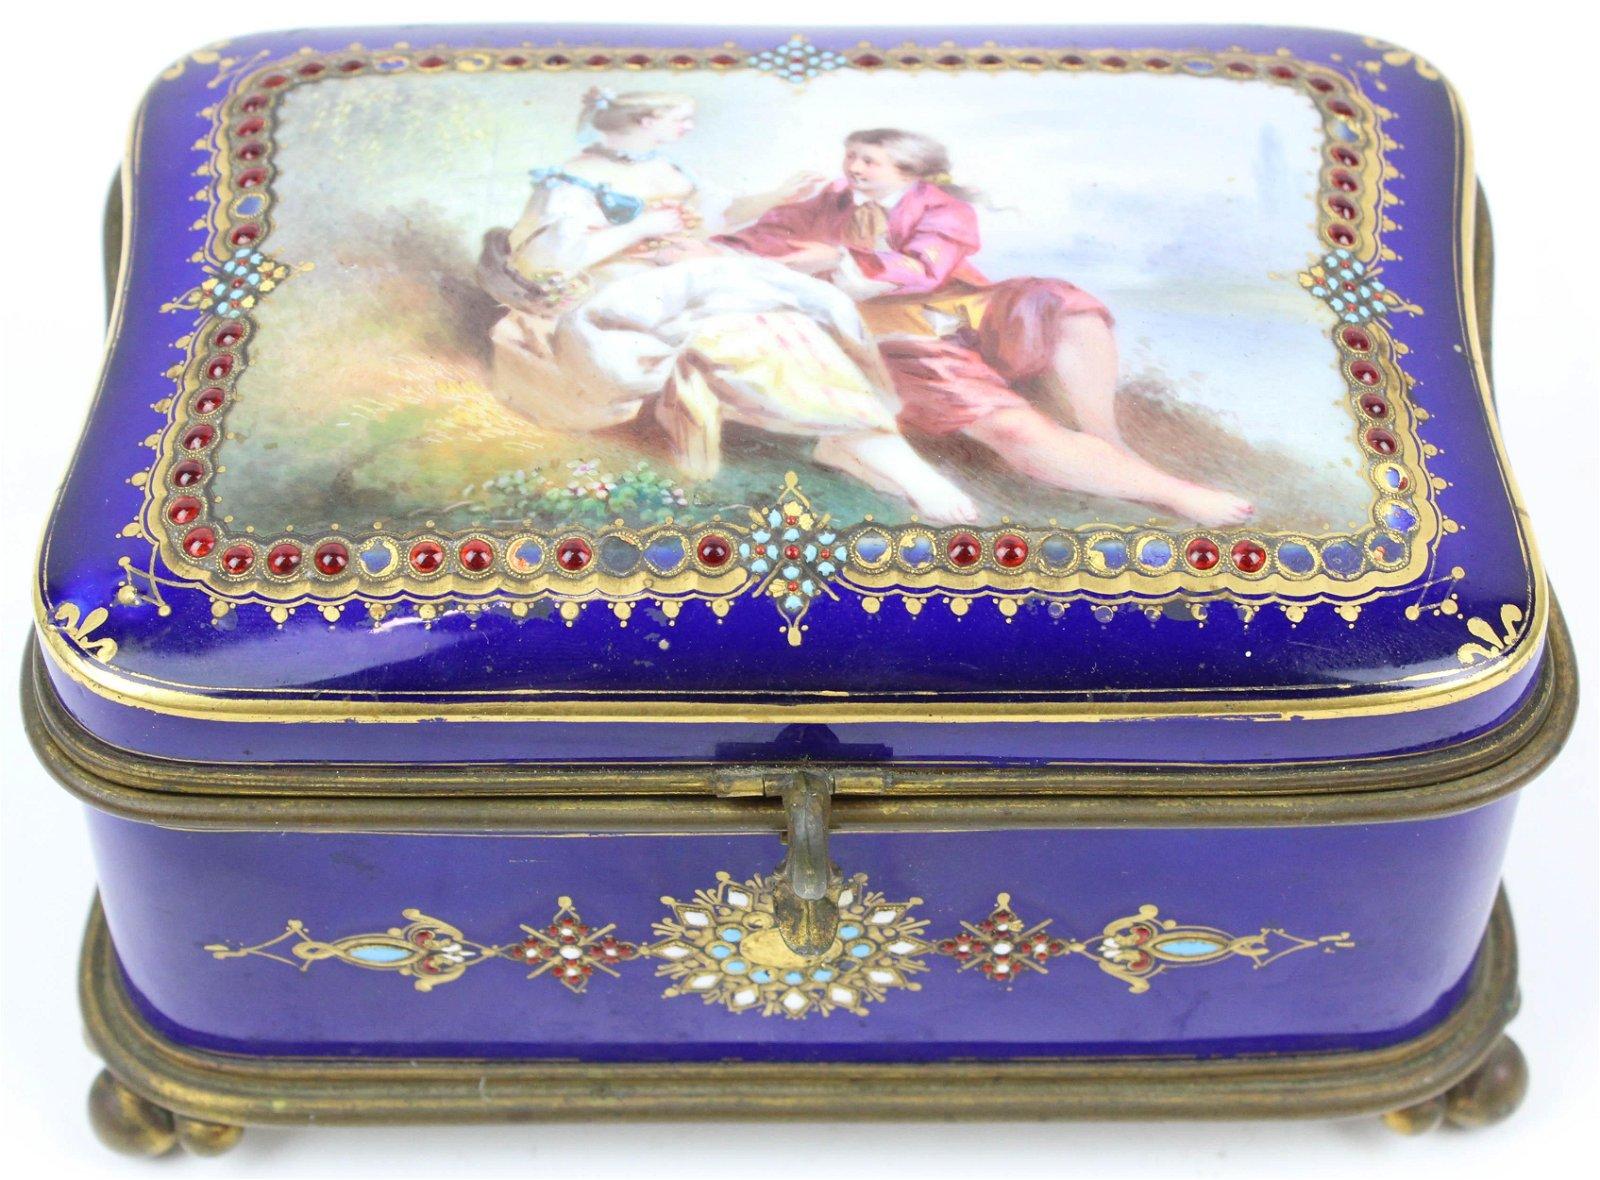 Sevres Enamel Decorated Casket